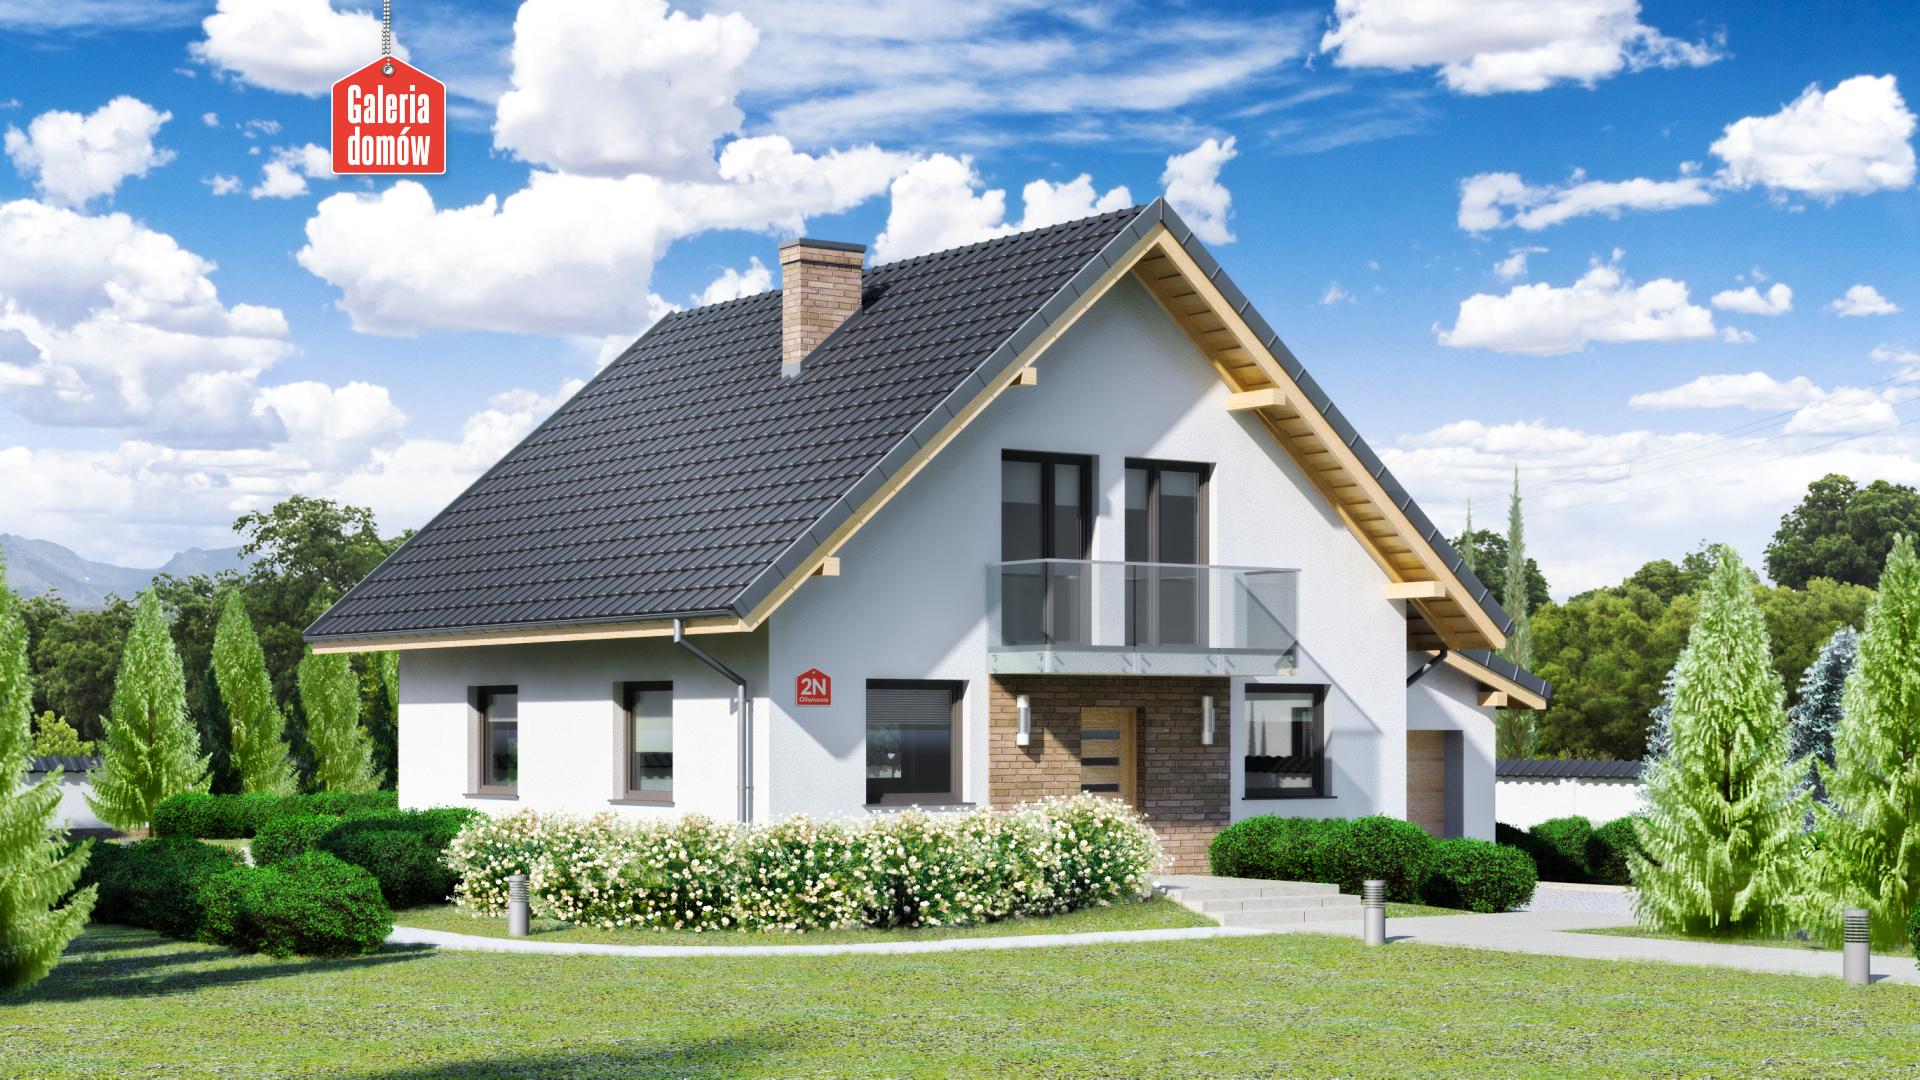 Dom przy Oliwkowej 2 N - zdjęcie projektu i wizualizacja